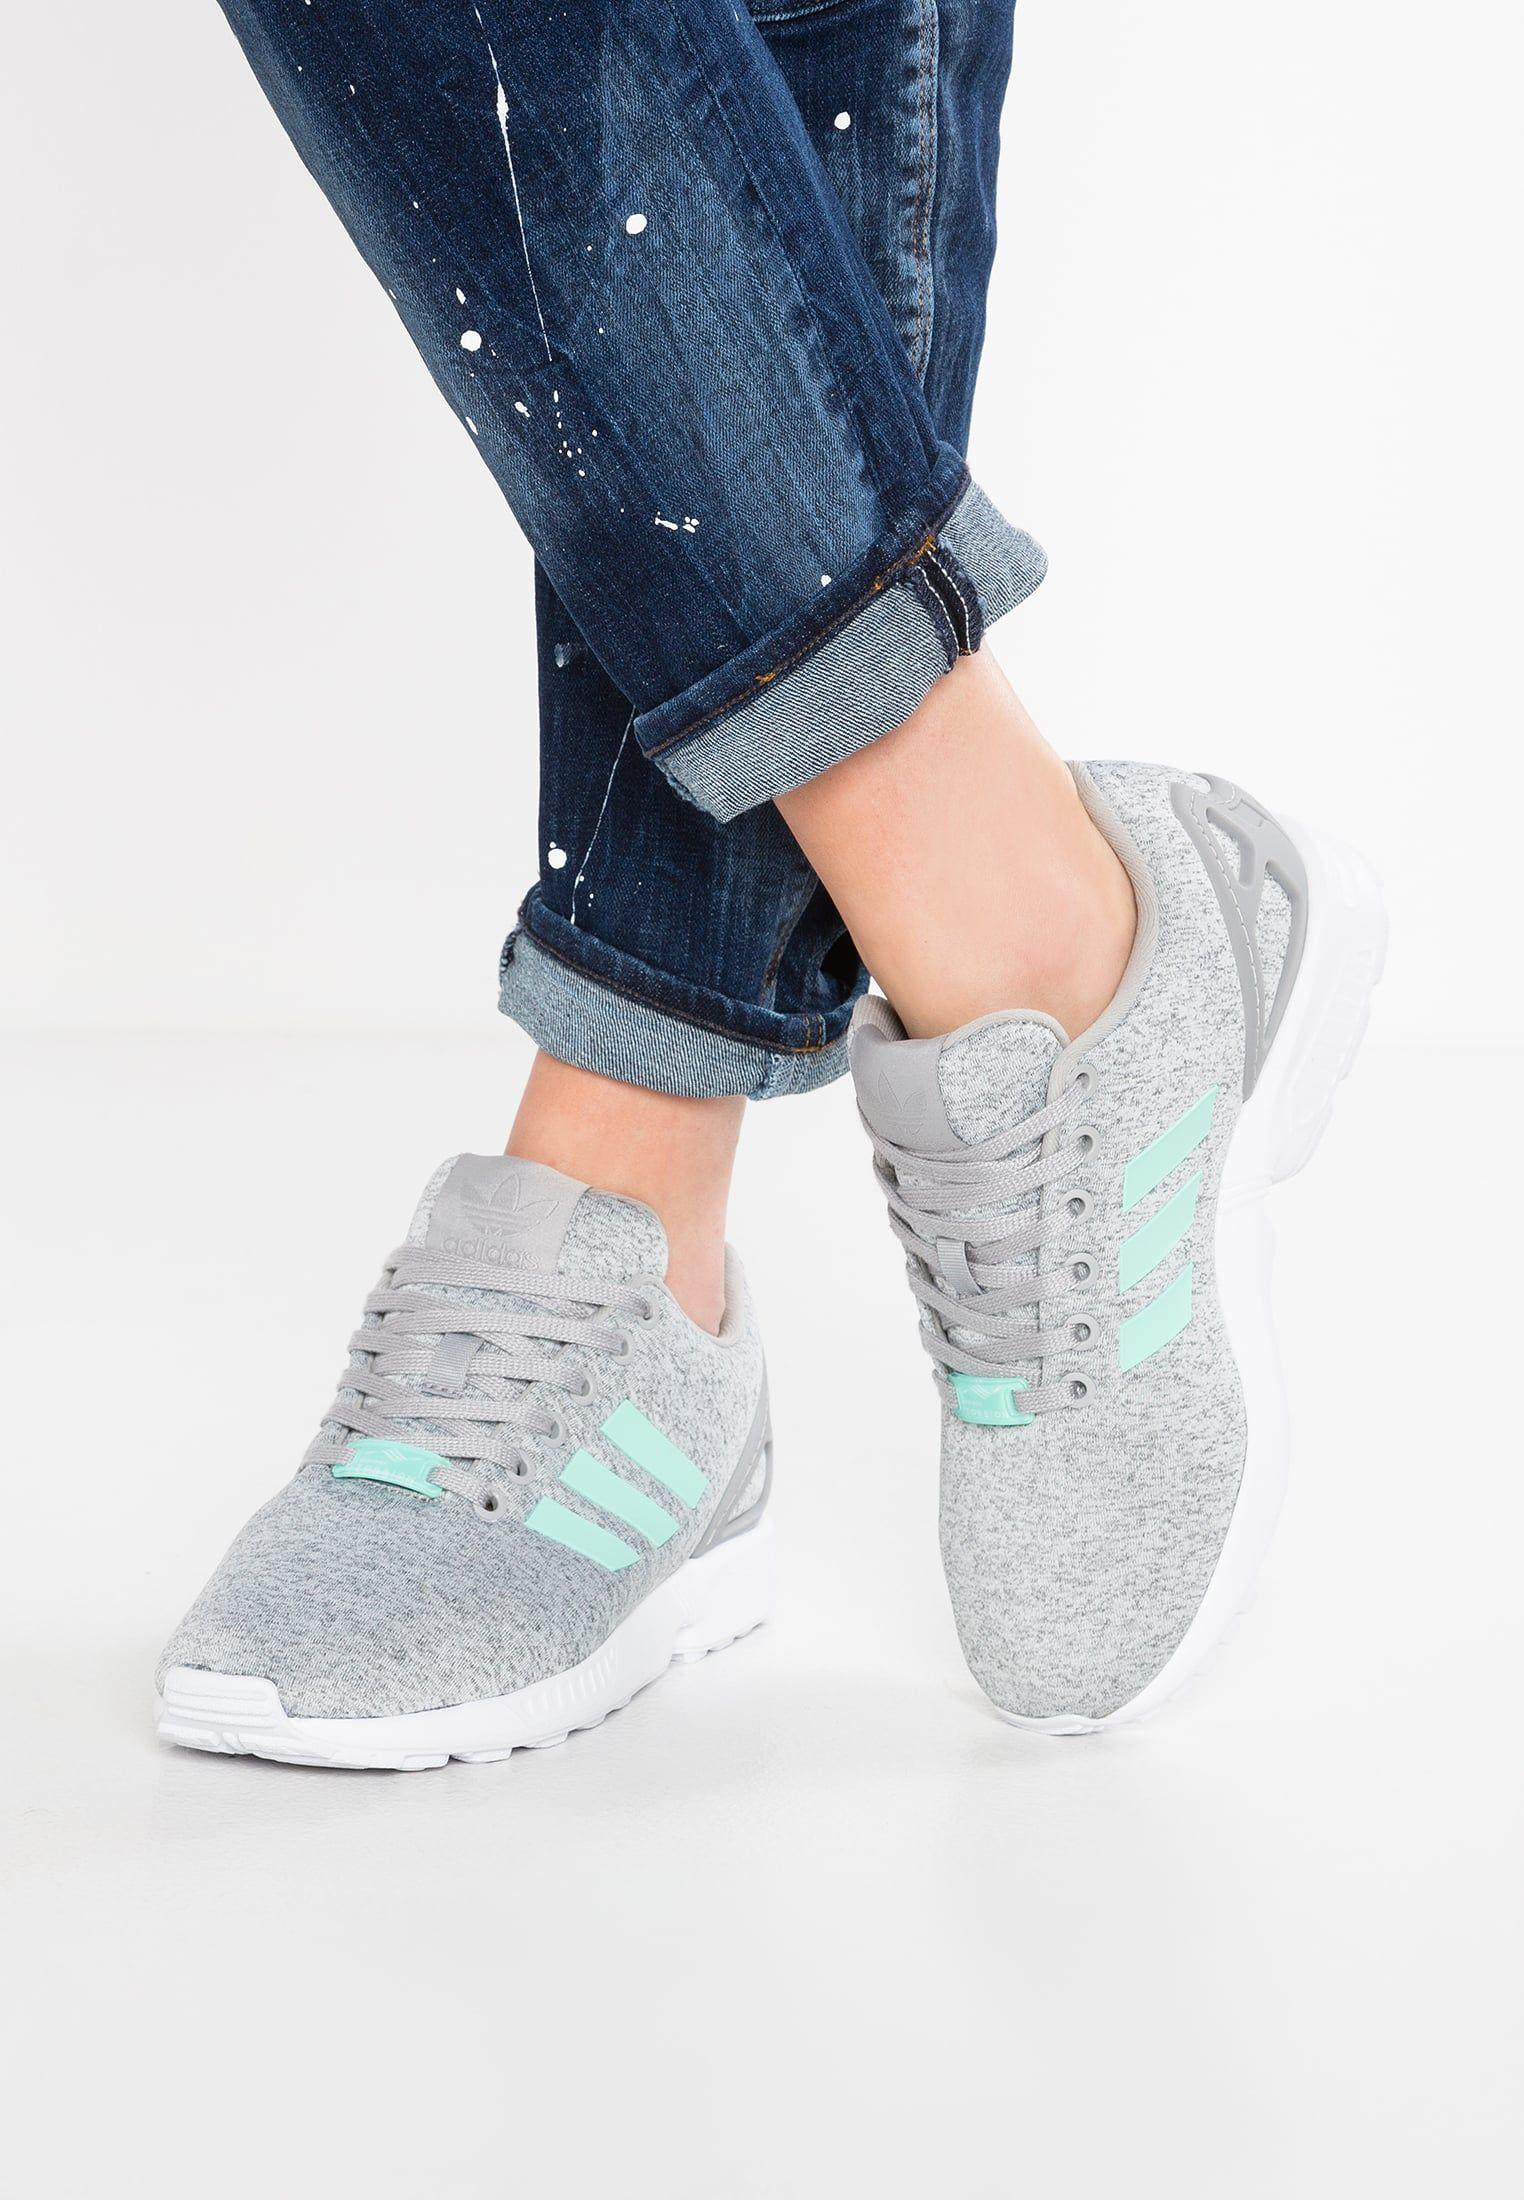 / adidas originali zx flusso scarpe ad111s0ex